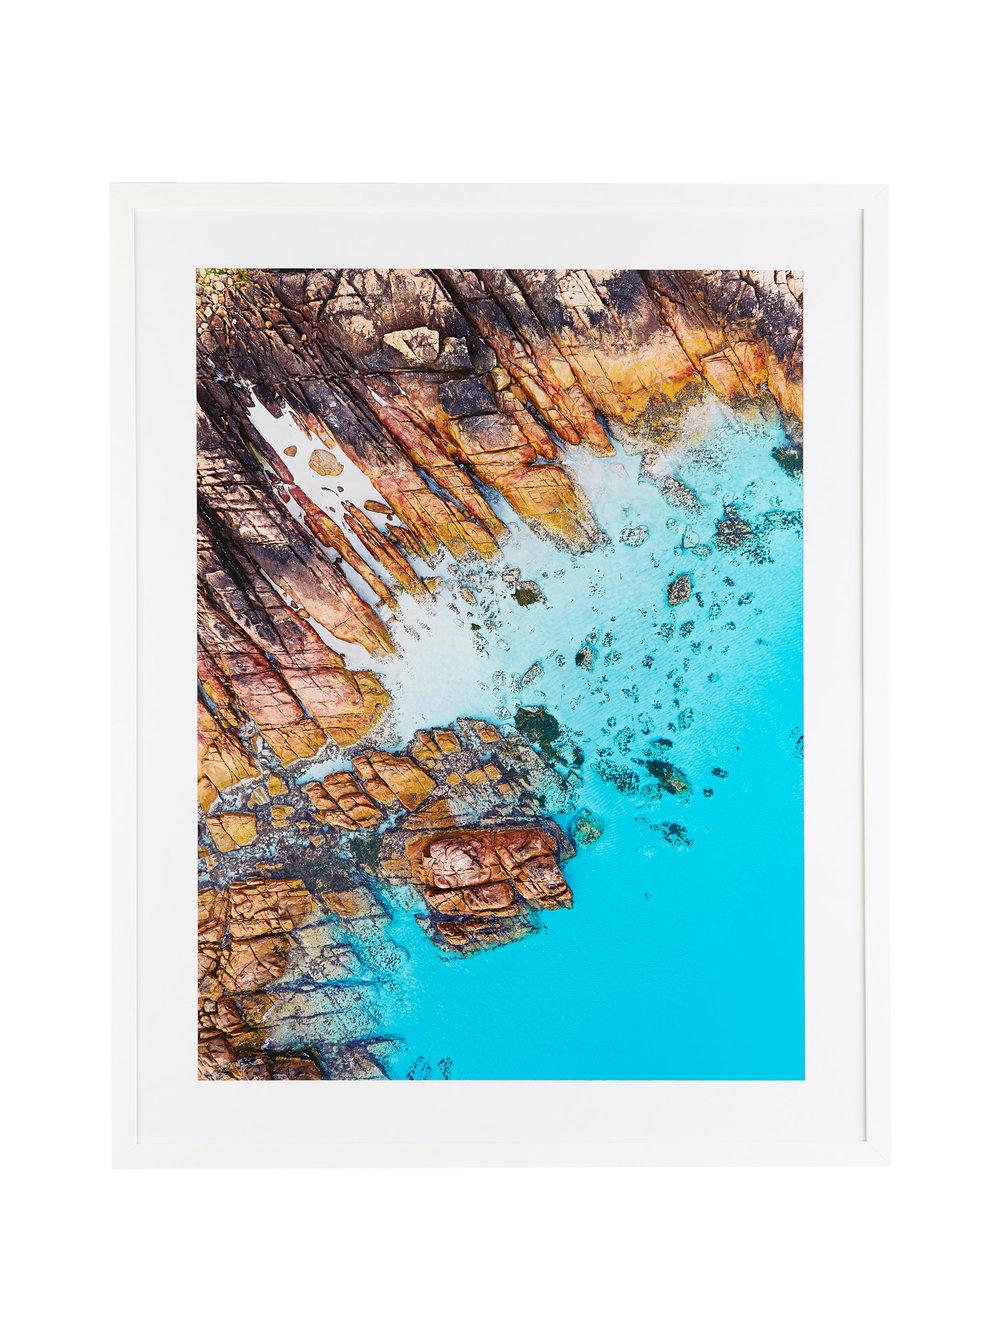 Salty Prints-9.jpg